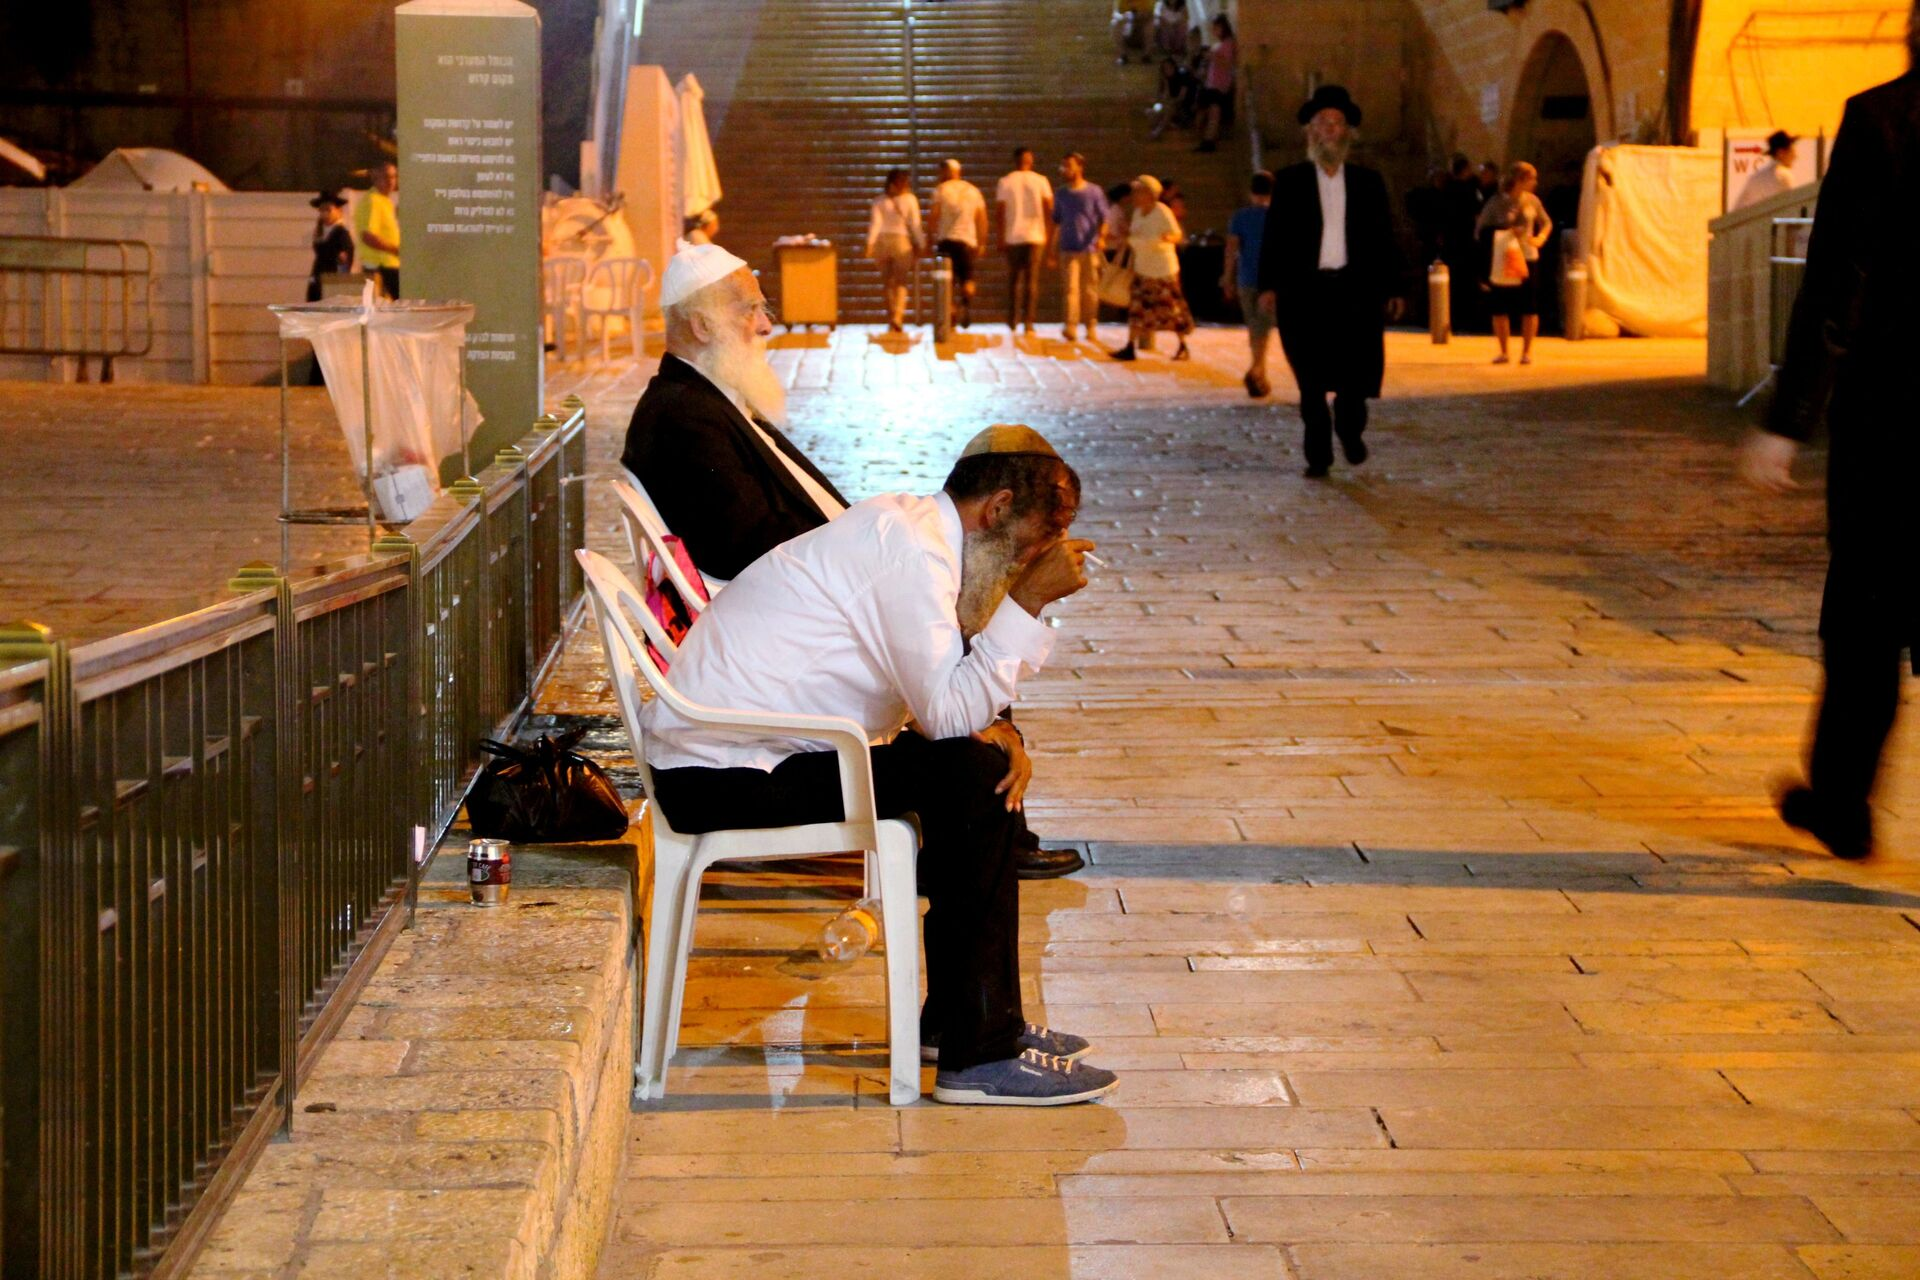 Верующий иудей возле Стены плача в Иерусалиме - РИА Новости, 1920, 03.02.2021